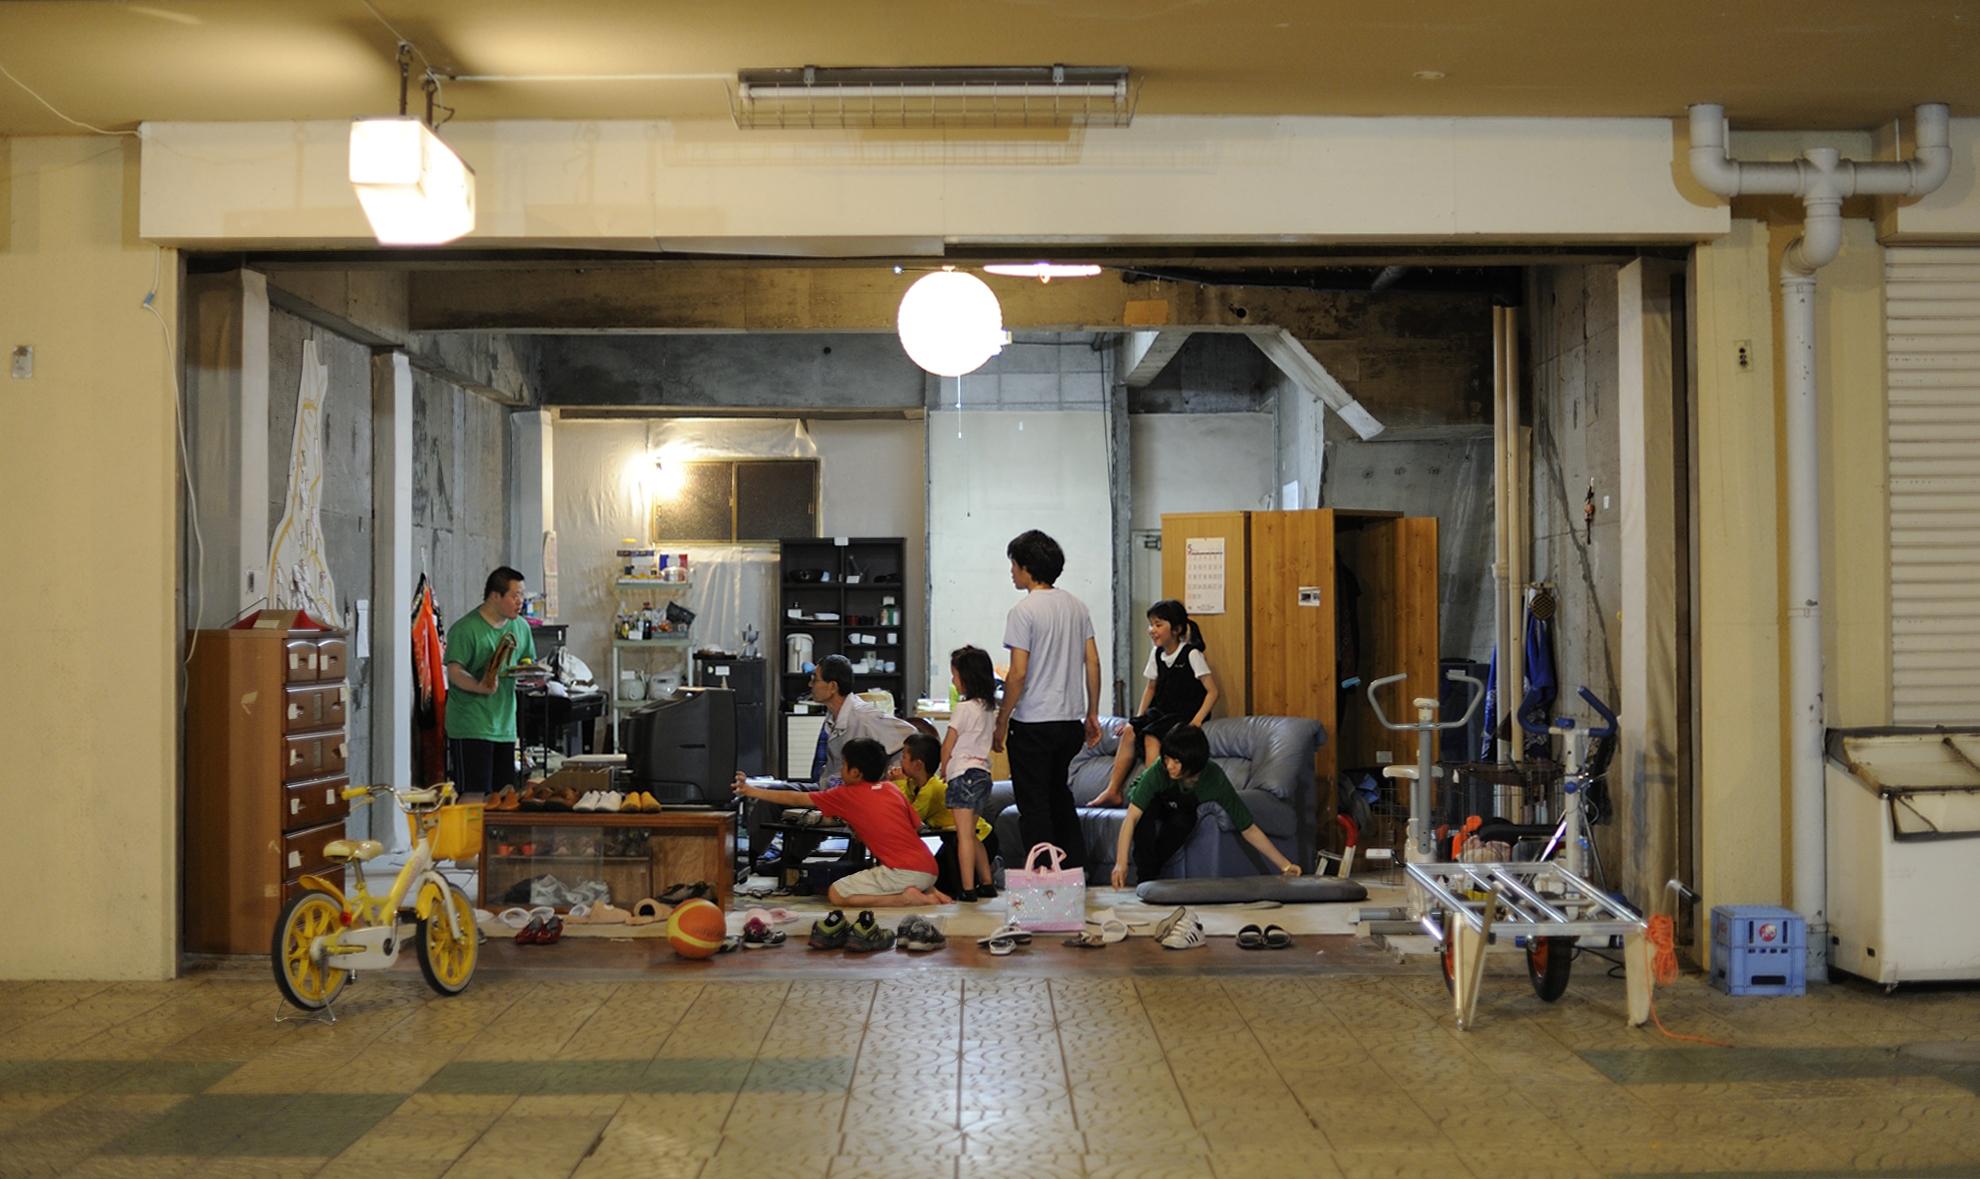 北澤 潤《リビングルーム》photo by Yuji Ito(参考画像)